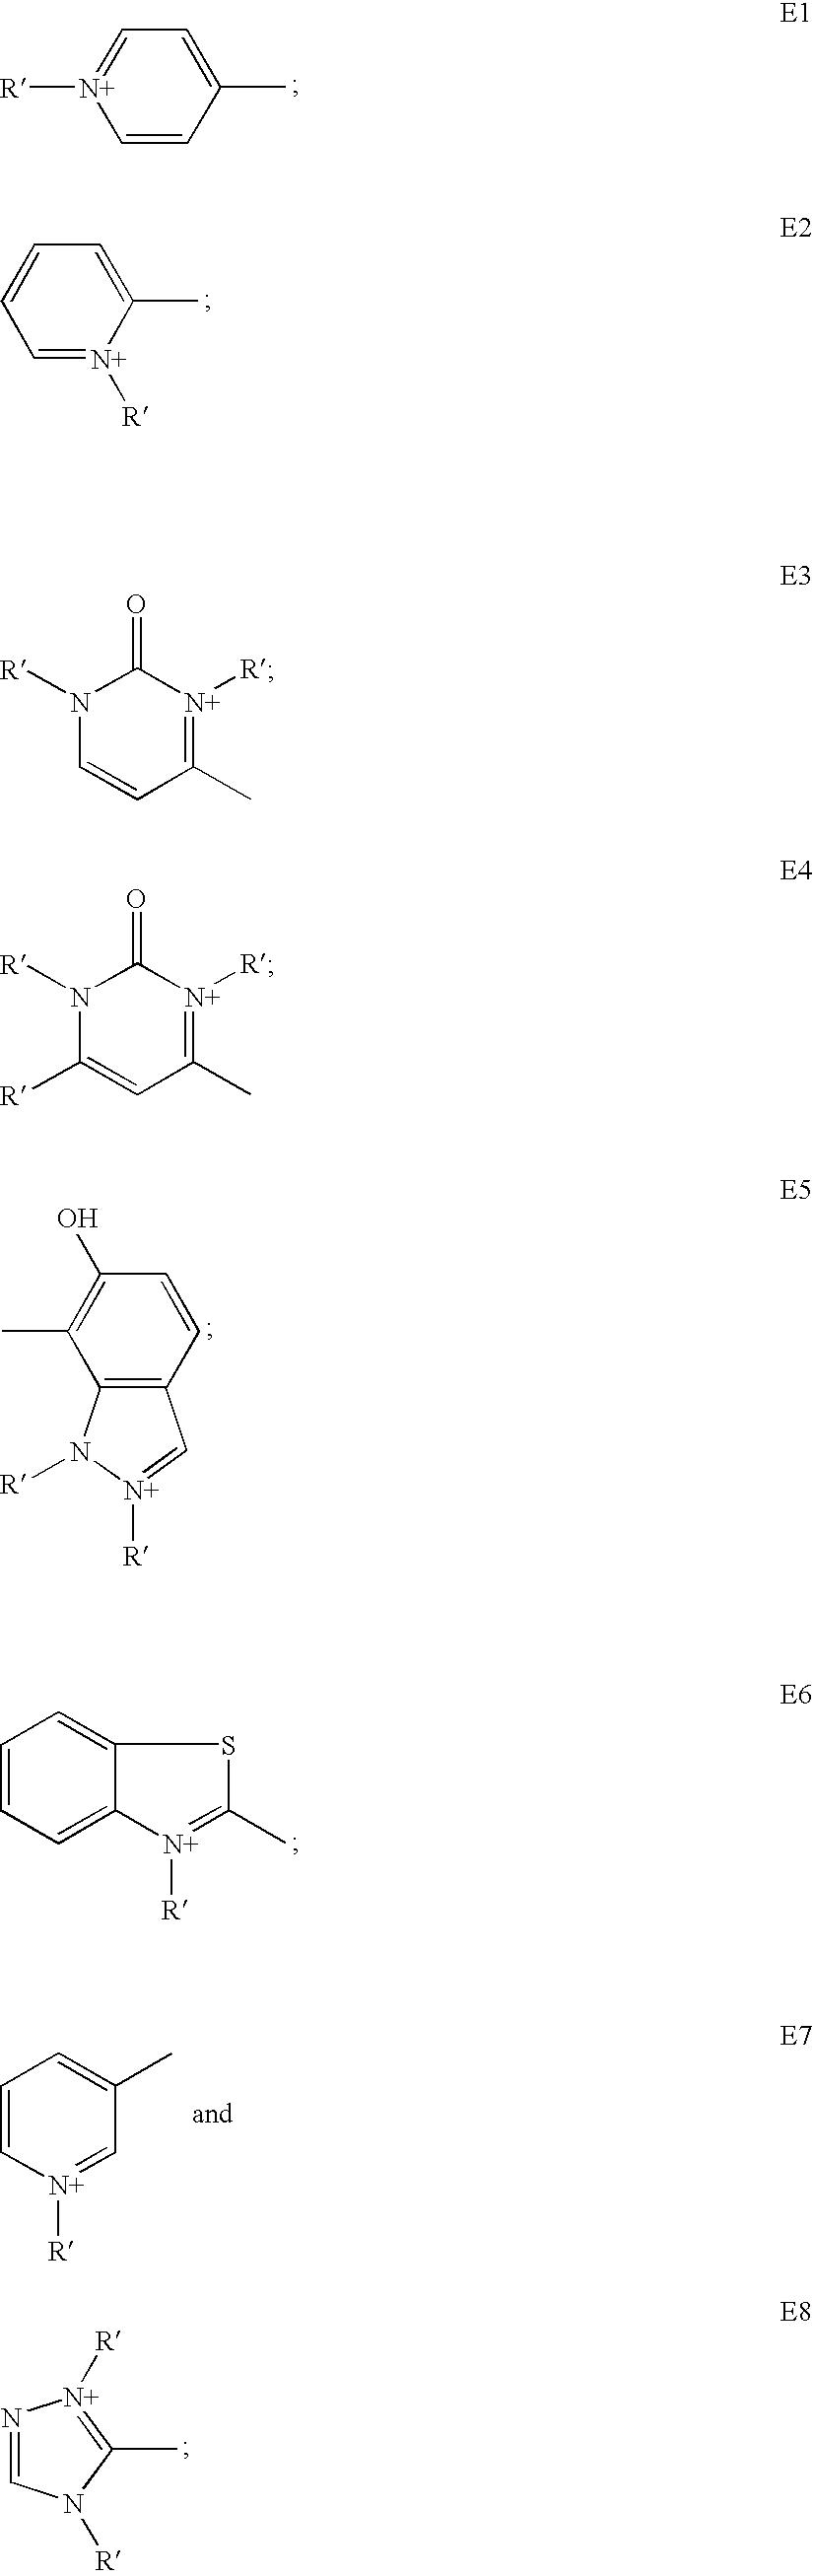 Figure US20100175706A1-20100715-C00010